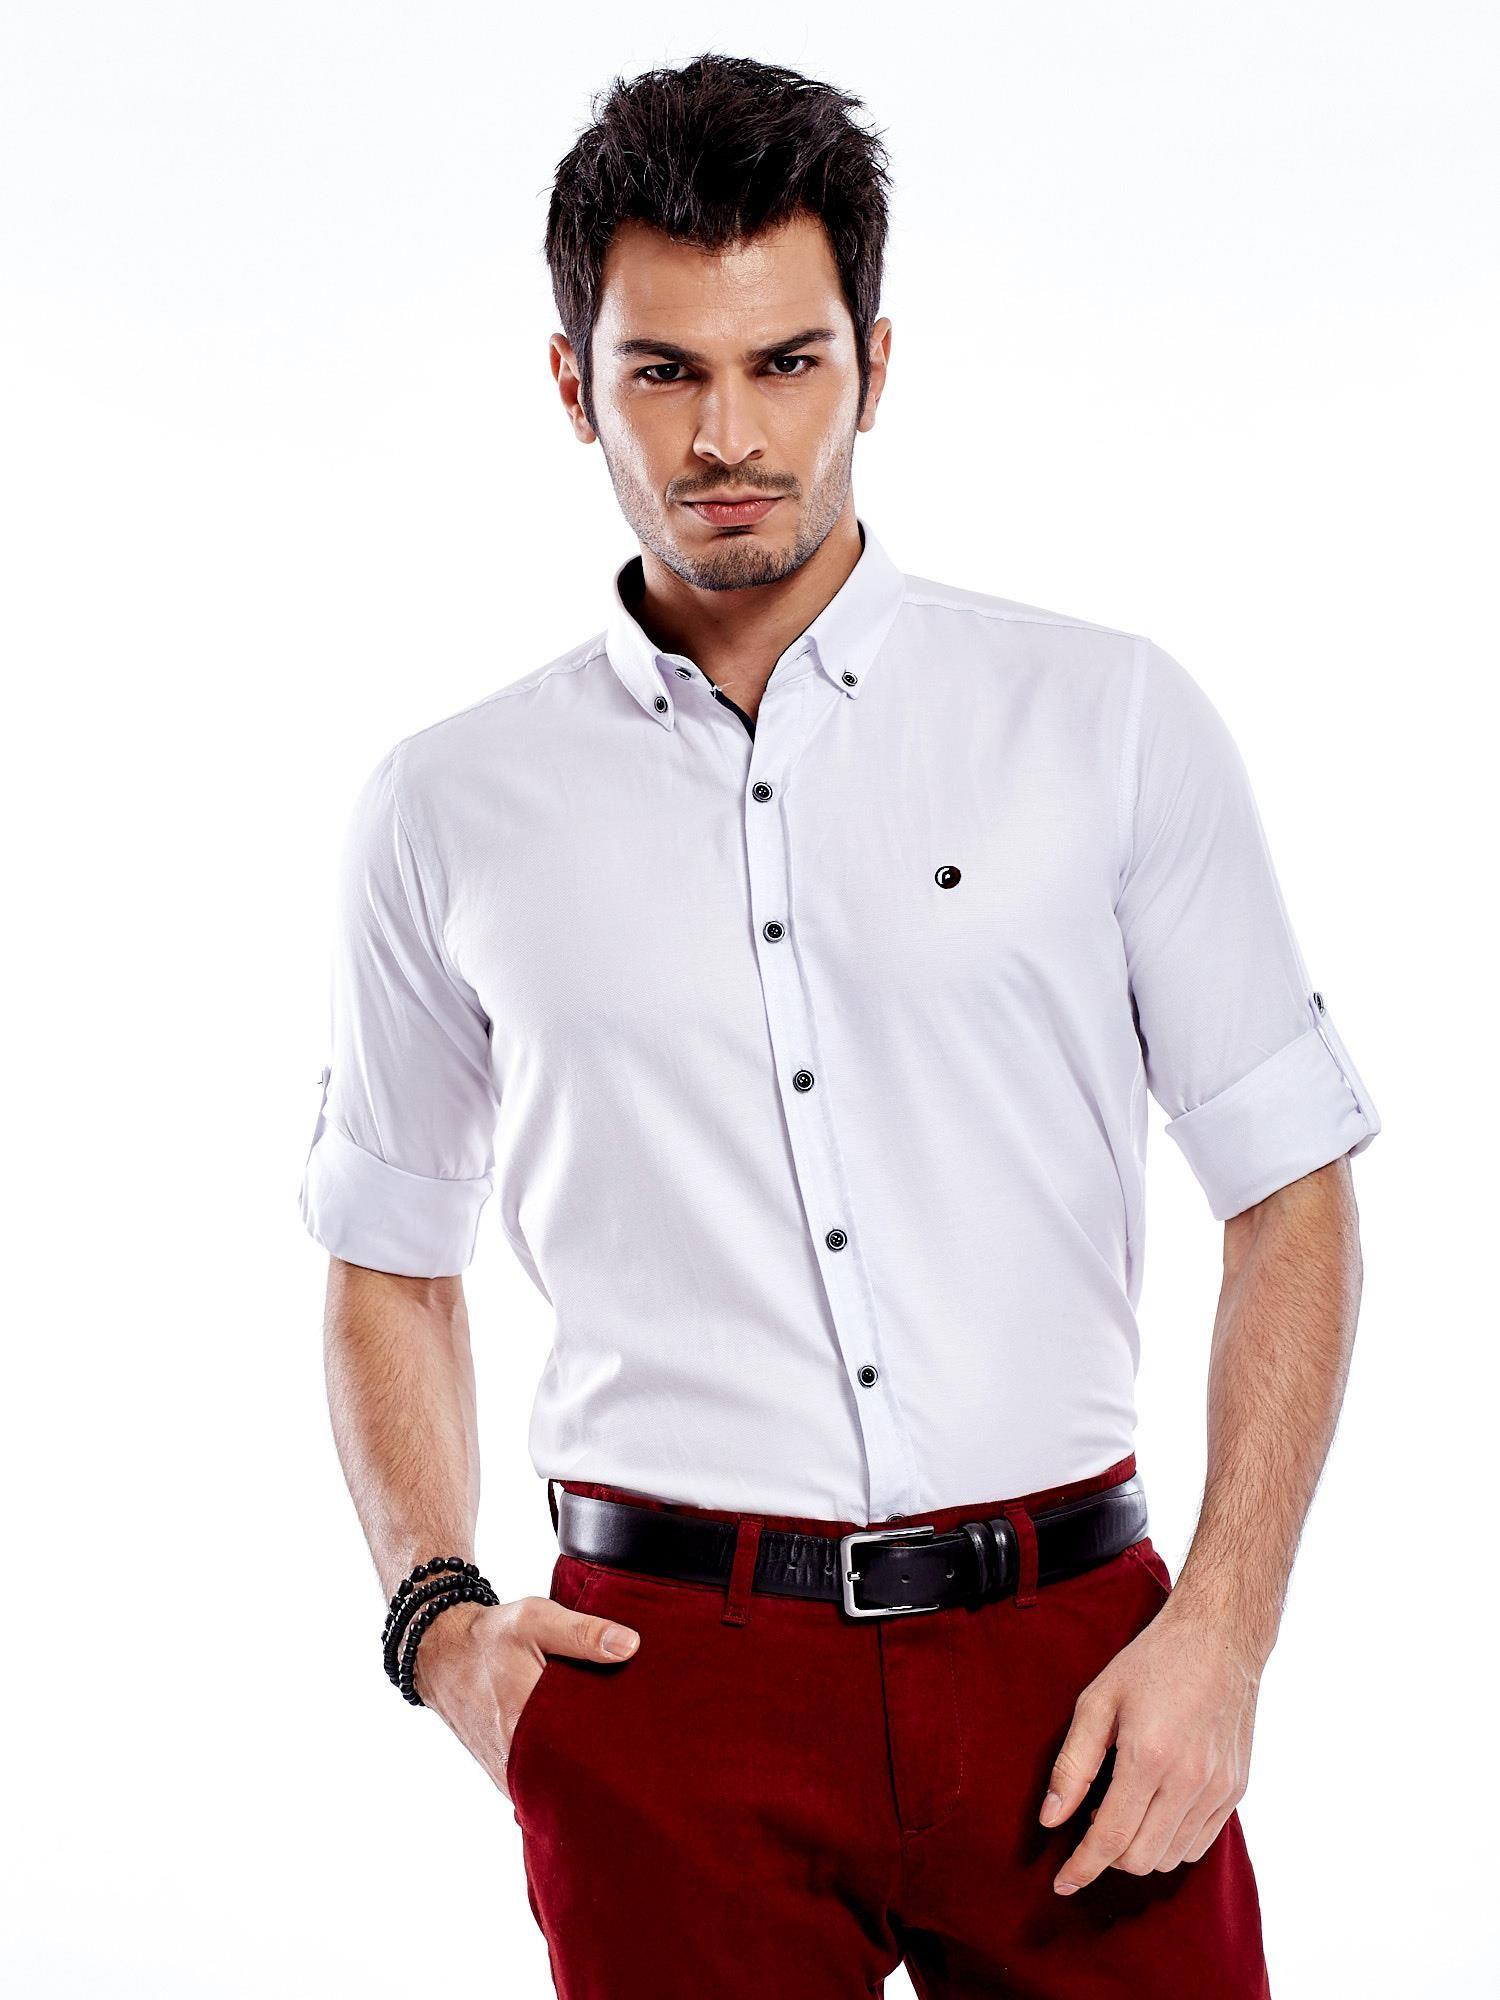 c90269160c6fdf Biała koszula męska regular fit z podwijanymi rękawami - Mężczyźni ...